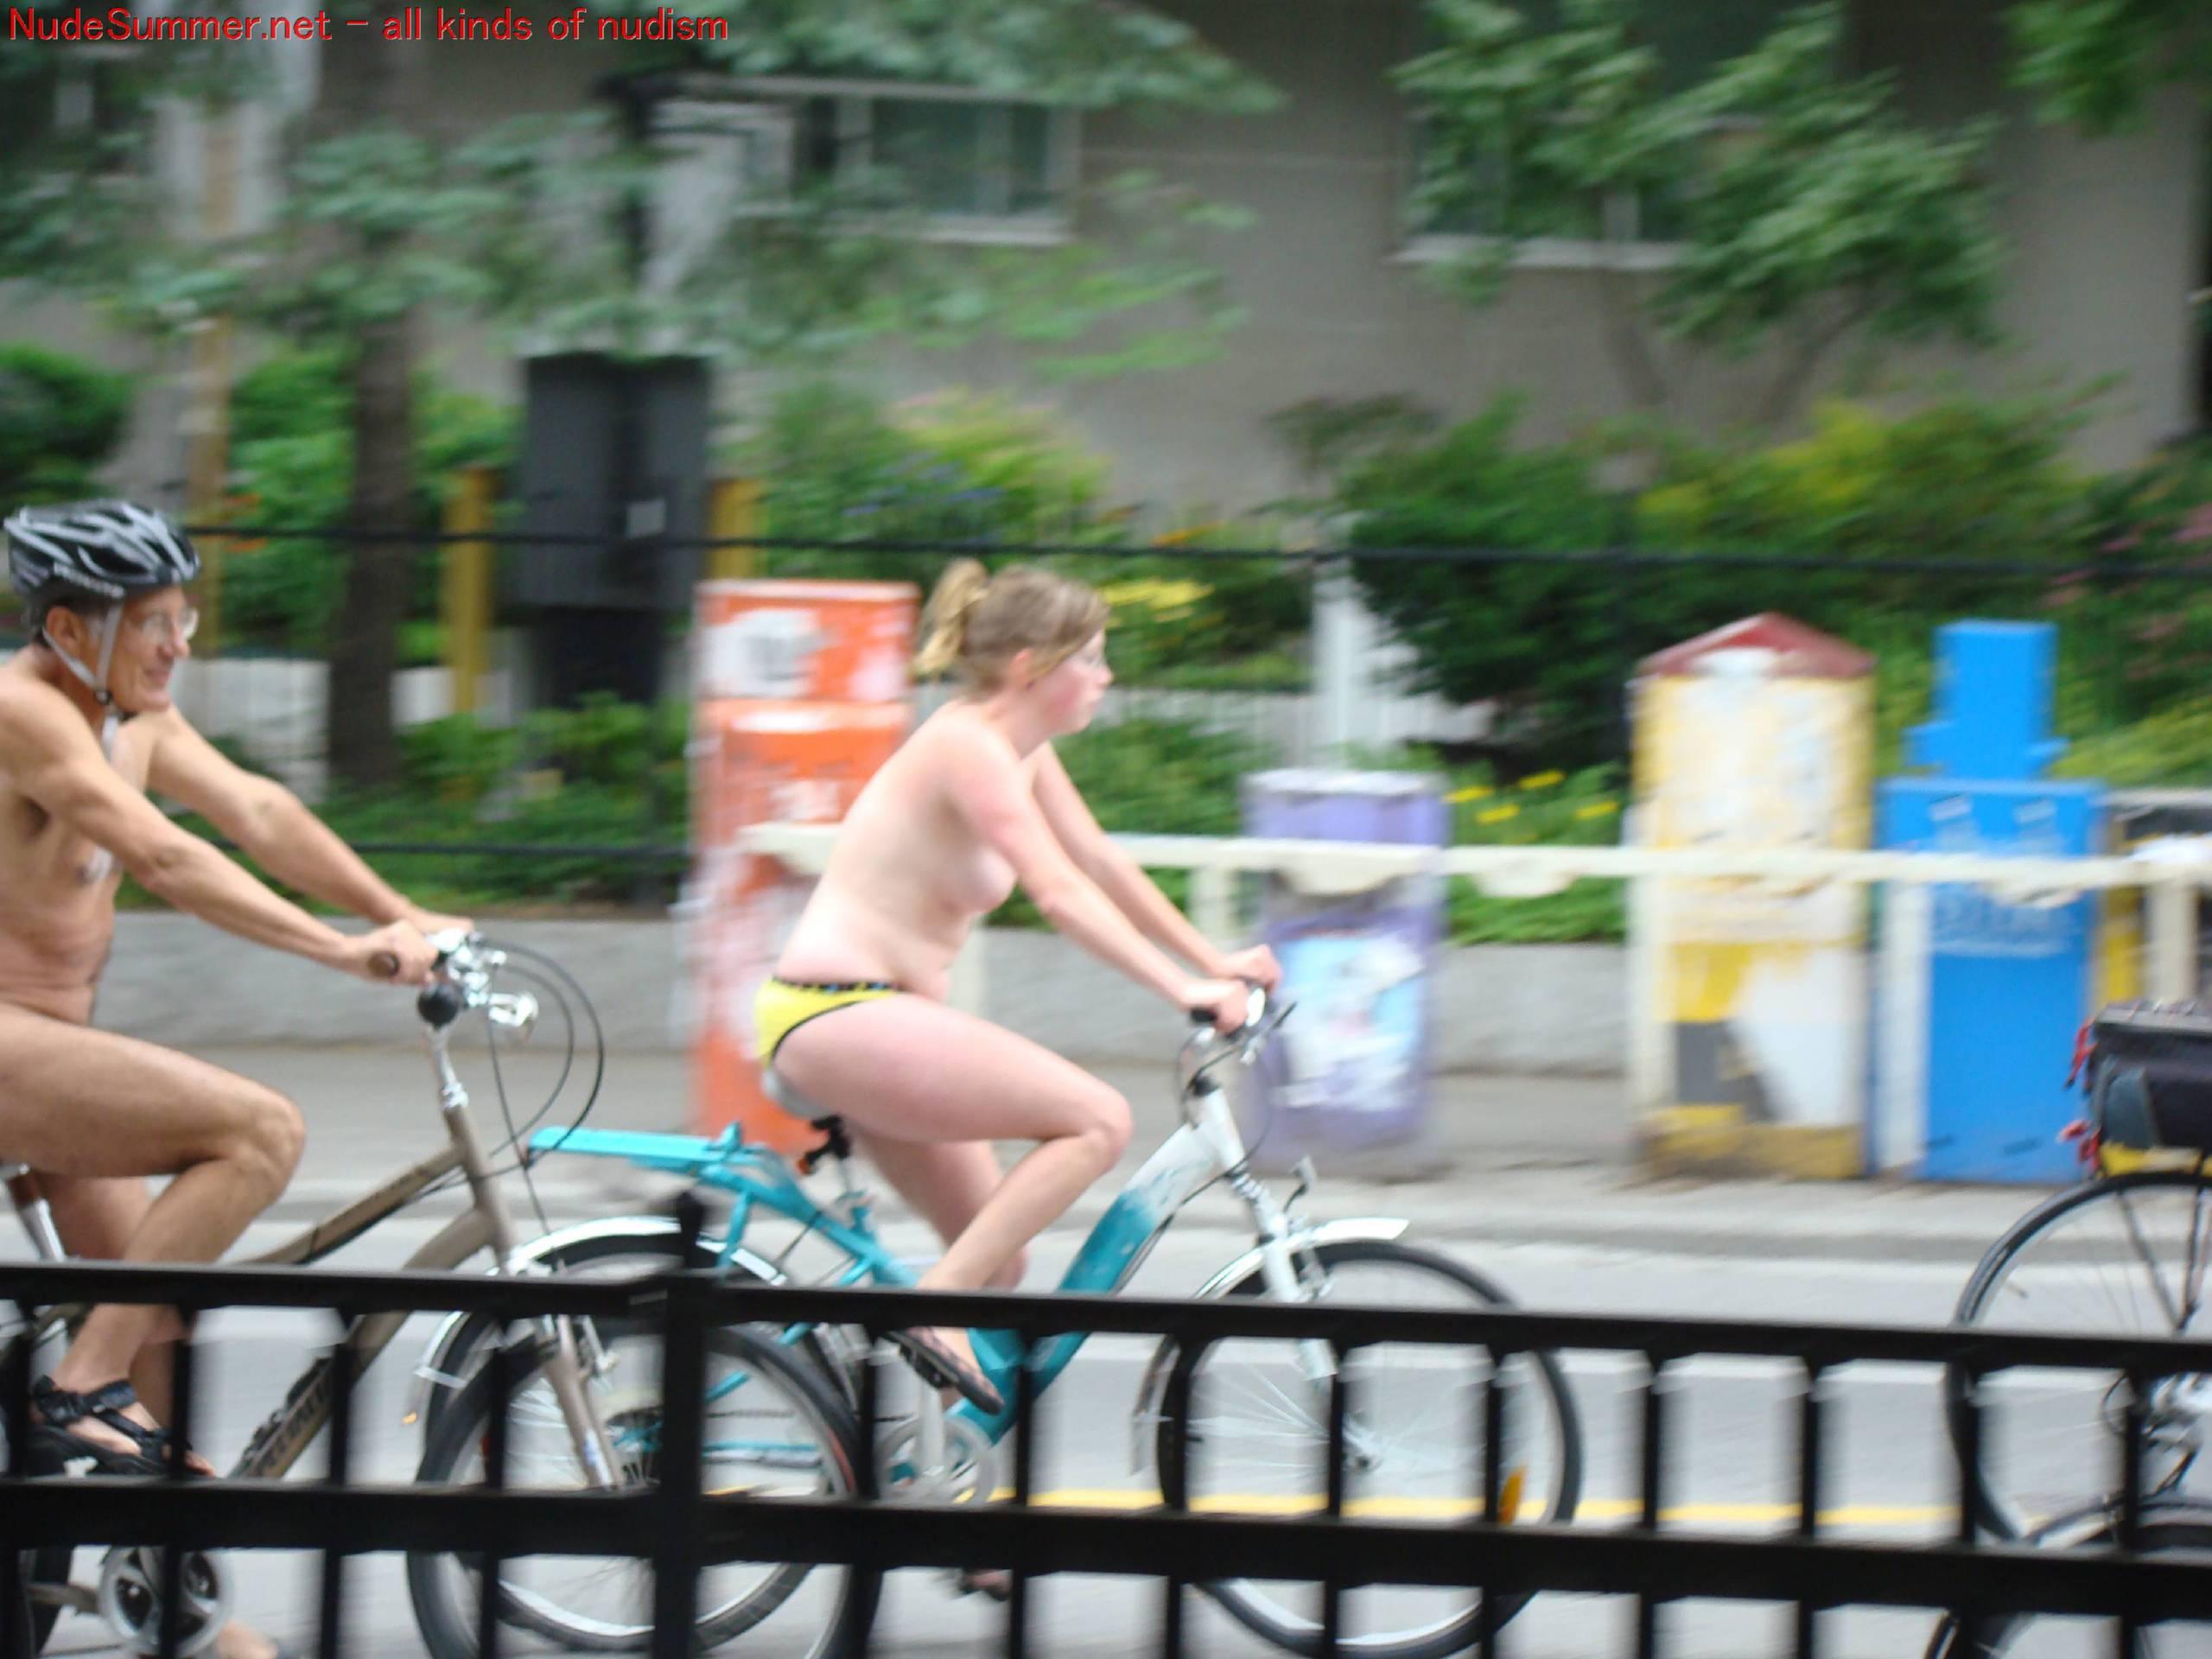 World Naked Bike Ride (WNBR) 2010 - 2